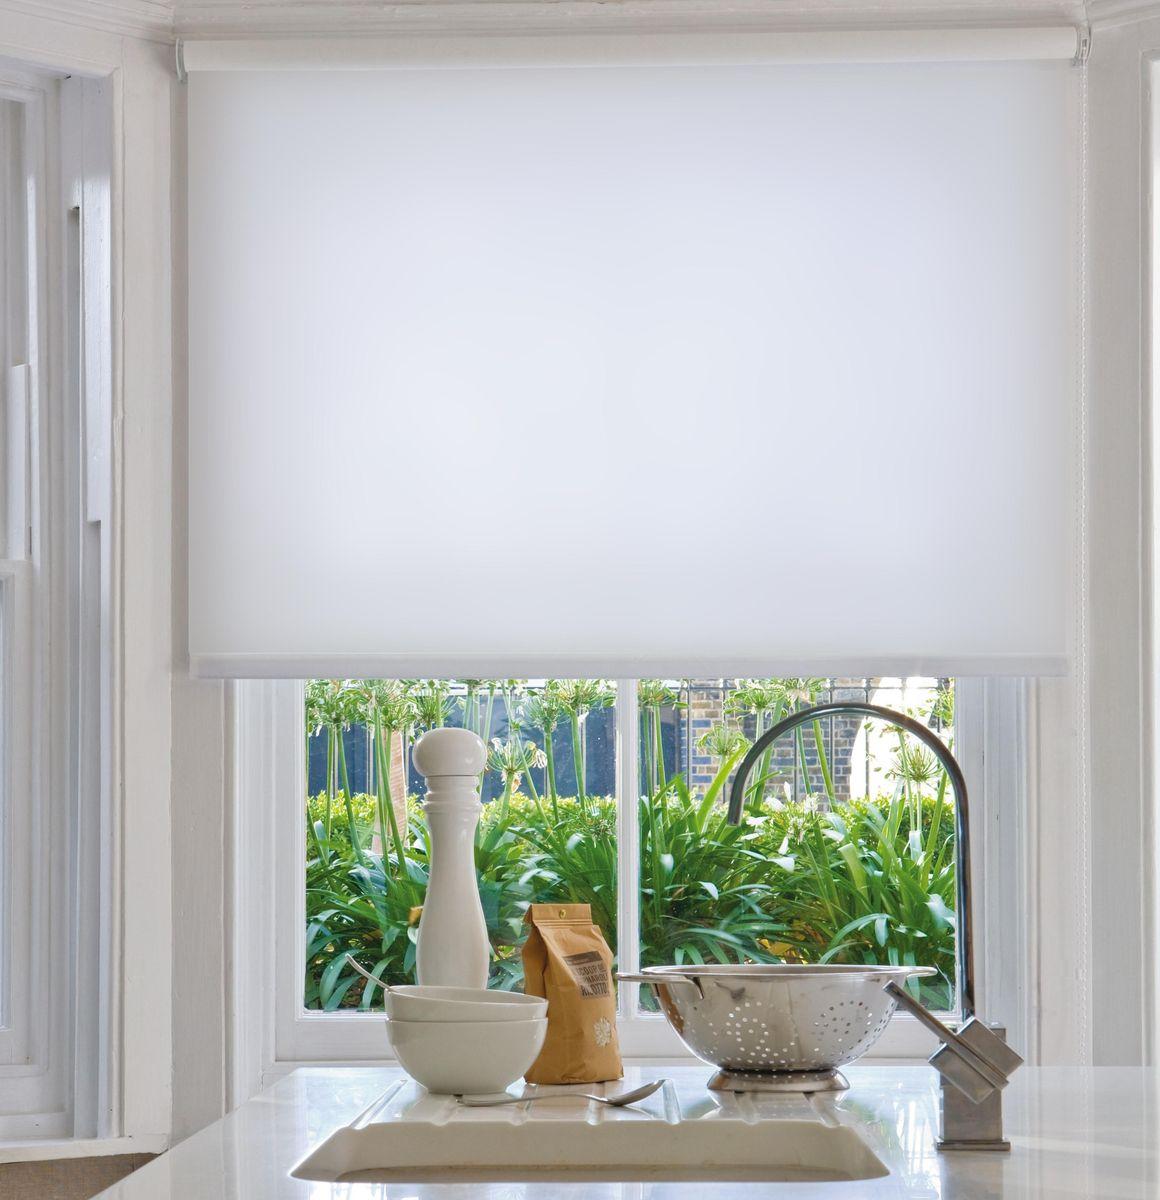 Штора рулонная Эскар, цвет: белый, ширина 140 см, высота 170 см8008140170Рулонными шторами Эскар можно оформлять окна как самостоятельно, так и использовать в комбинации с портьерами. Это поможет предотвратить выгорание дорогой ткани на солнце и соединит функционал рулонных с красотой навесных. Преимущества применения рулонных штор для пластиковых окон: - имеют прекрасный внешний вид: многообразие и фактурность материала изделия отлично смотрятся в любом интерьере;- многофункциональны: есть возможность подобрать шторы способные эффективно защитить комнату от солнца, при этом она не будет слишком темной;- есть возможность осуществить быстрый монтаж.ВНИМАНИЕ! Размеры ширины изделия указаны по ширине ткани! Во время эксплуатации не рекомендуется полностью разматывать рулон, чтобы не оторвать ткань от намоточного вала. В случае загрязнения поверхности ткани, чистку шторы проводят одним из способов, в зависимости от типа загрязнения:легкое поверхностное загрязнение можно удалить при помощи канцелярского ластика;чистка от пыли производится сухим методом при помощи пылесоса с мягкой щеткой-насадкой;для удаления пятна используйте мягкую губку с пенообразующим неагрессивным моющим средством или пятновыводитель на натуральной основе (нельзя применять растворители).